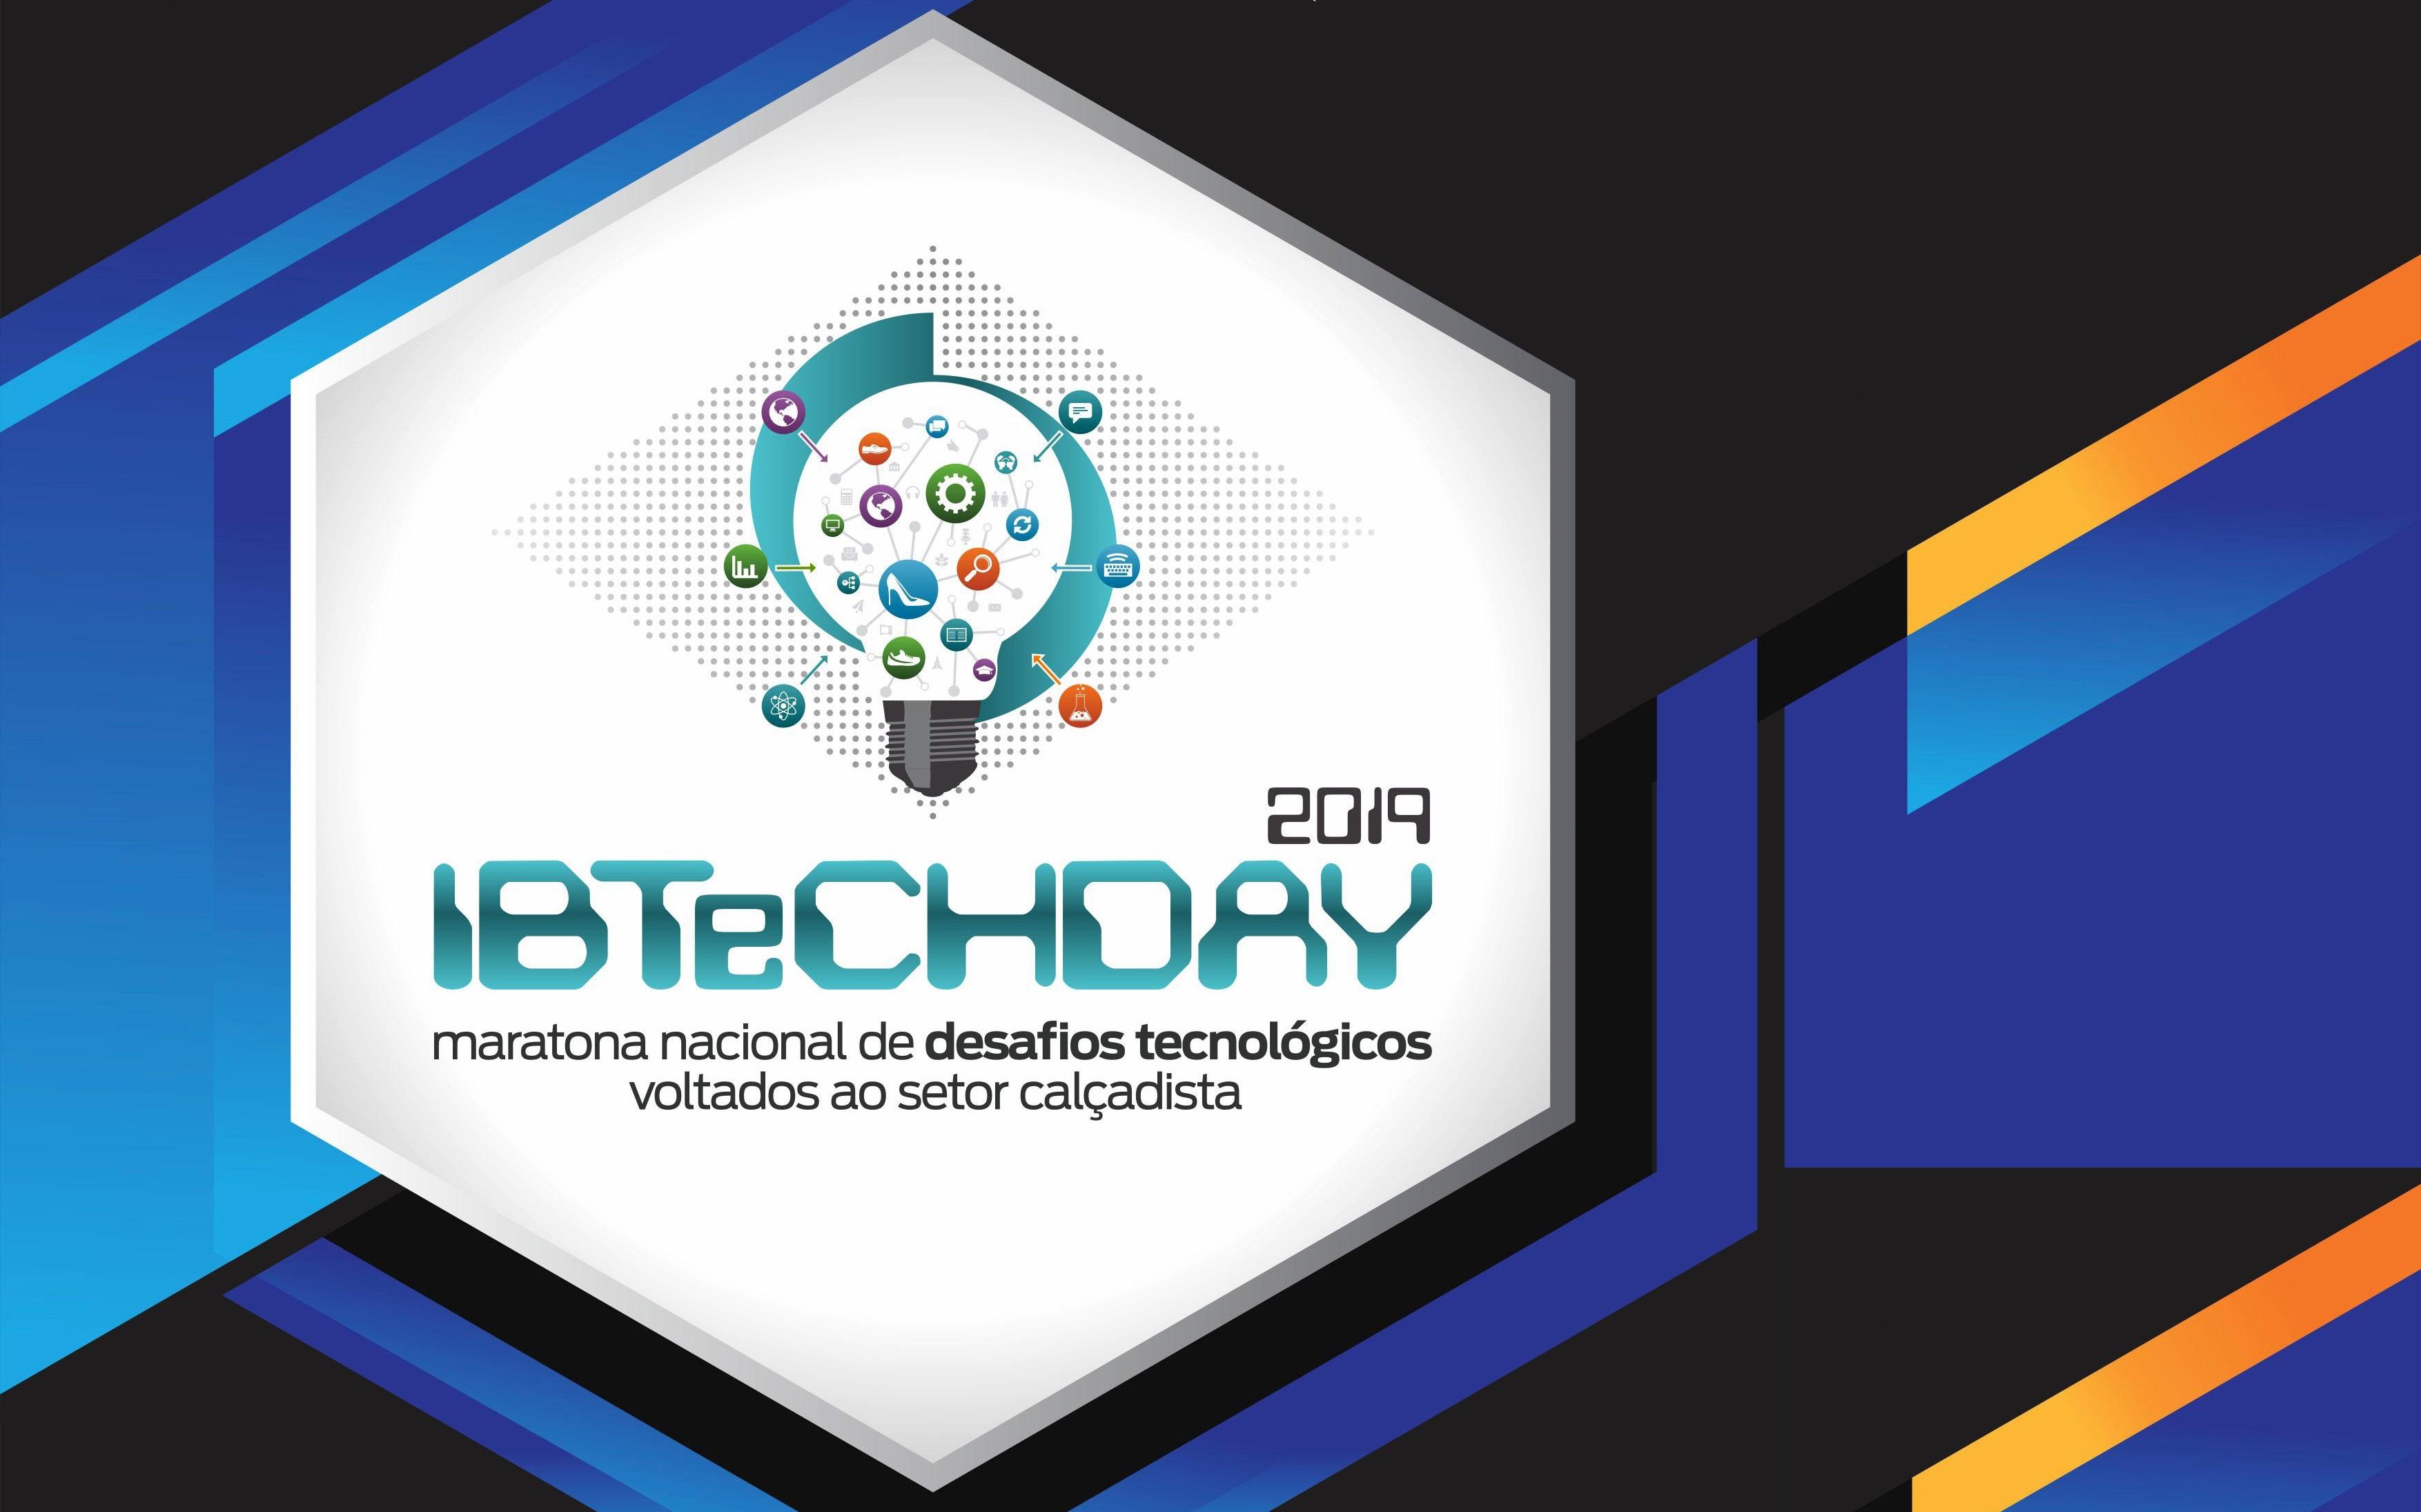 IBTeCHDay - Maratona de Desafios Tecnológicos do setor calçadista: 06 a 10 de outubro